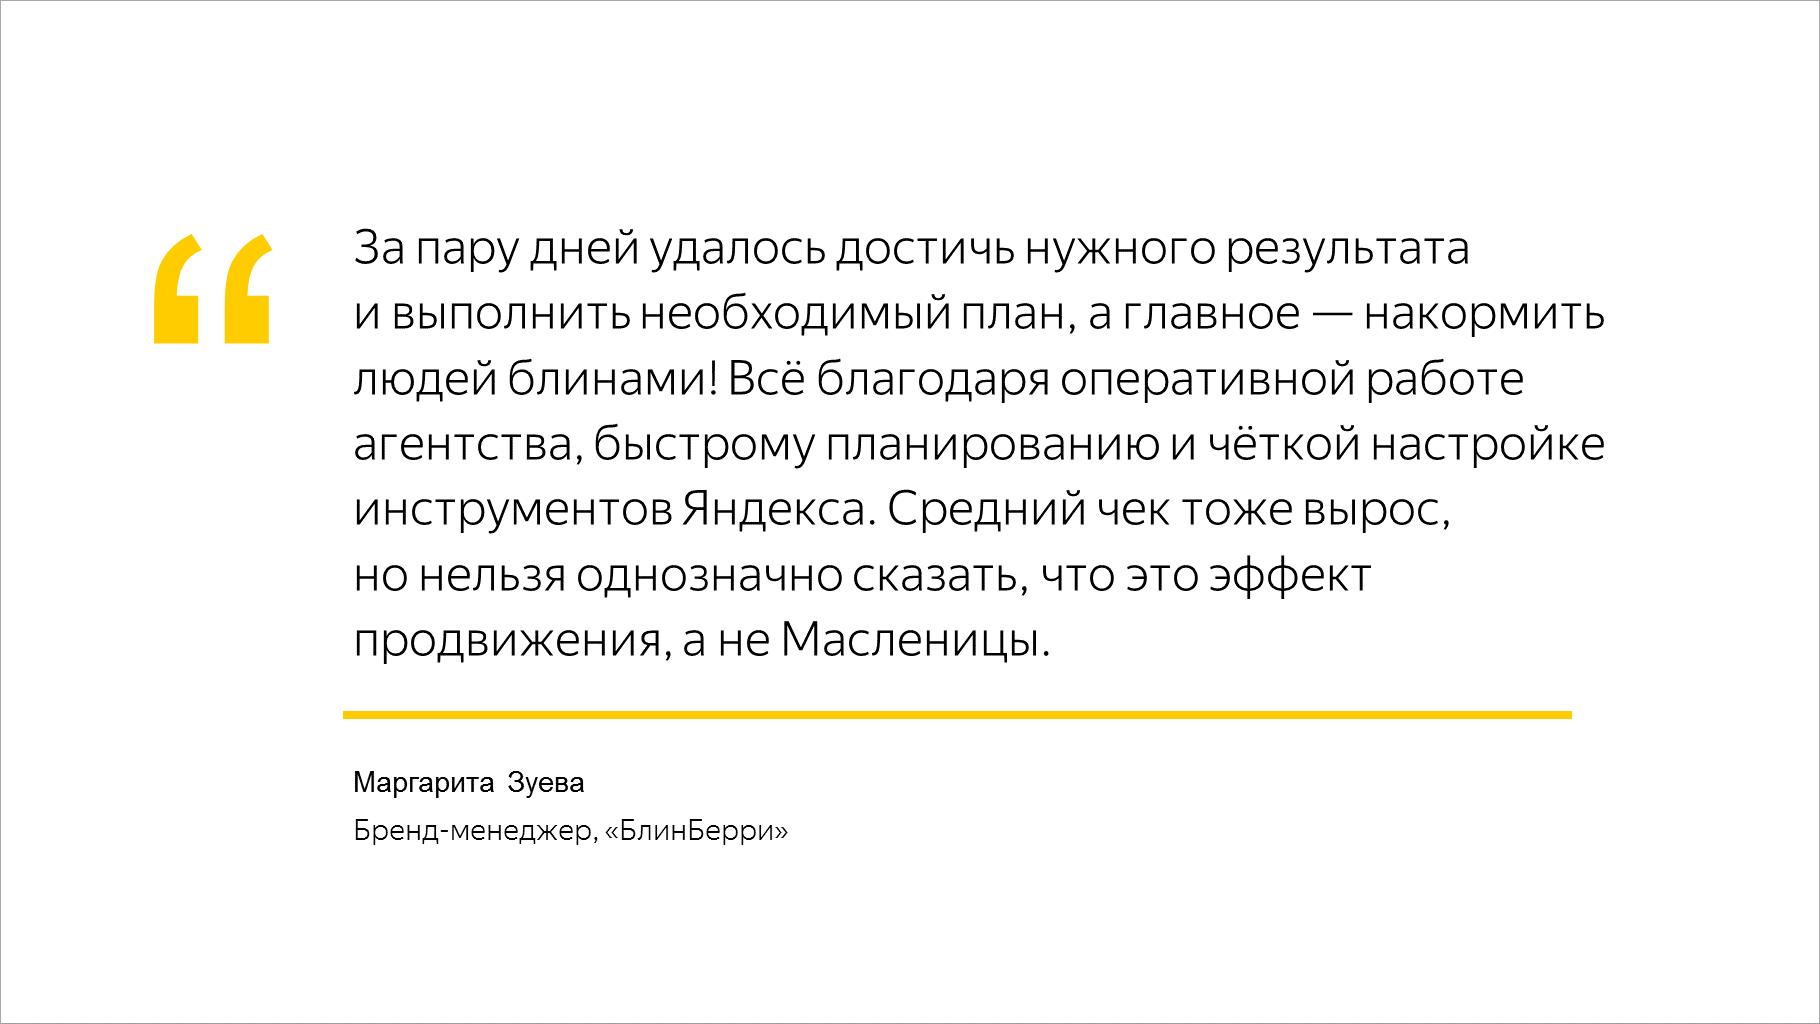 Всё благодаря оперативной работе агентства, быстрому планированию и чёткой настройке инструментов Яндекса